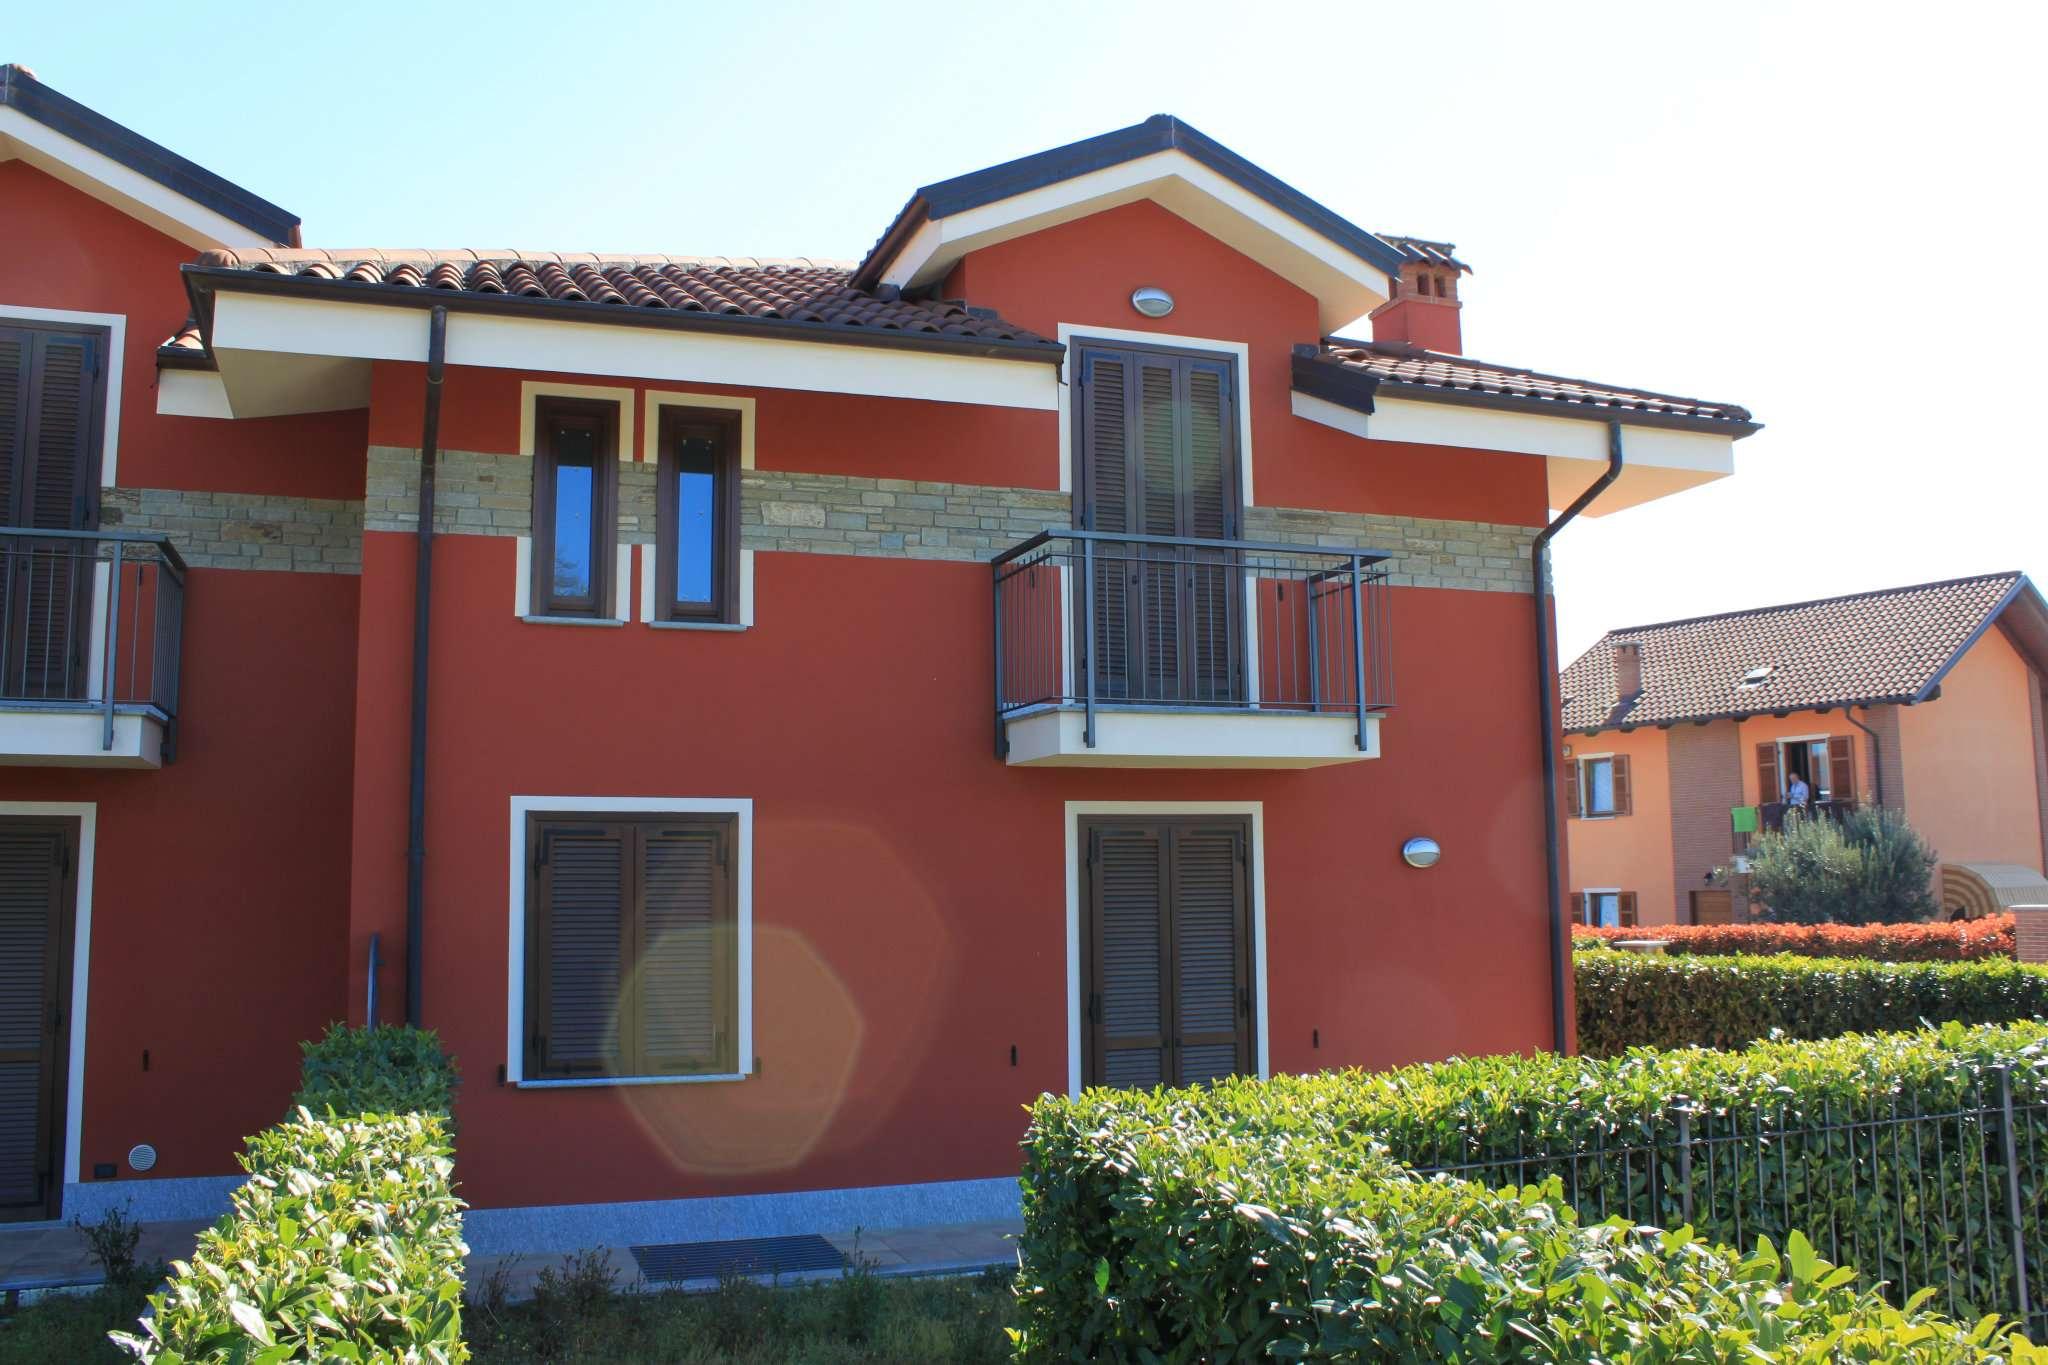 Soluzione Semindipendente in vendita a Bricherasio, 6 locali, prezzo € 385.000 | PortaleAgenzieImmobiliari.it